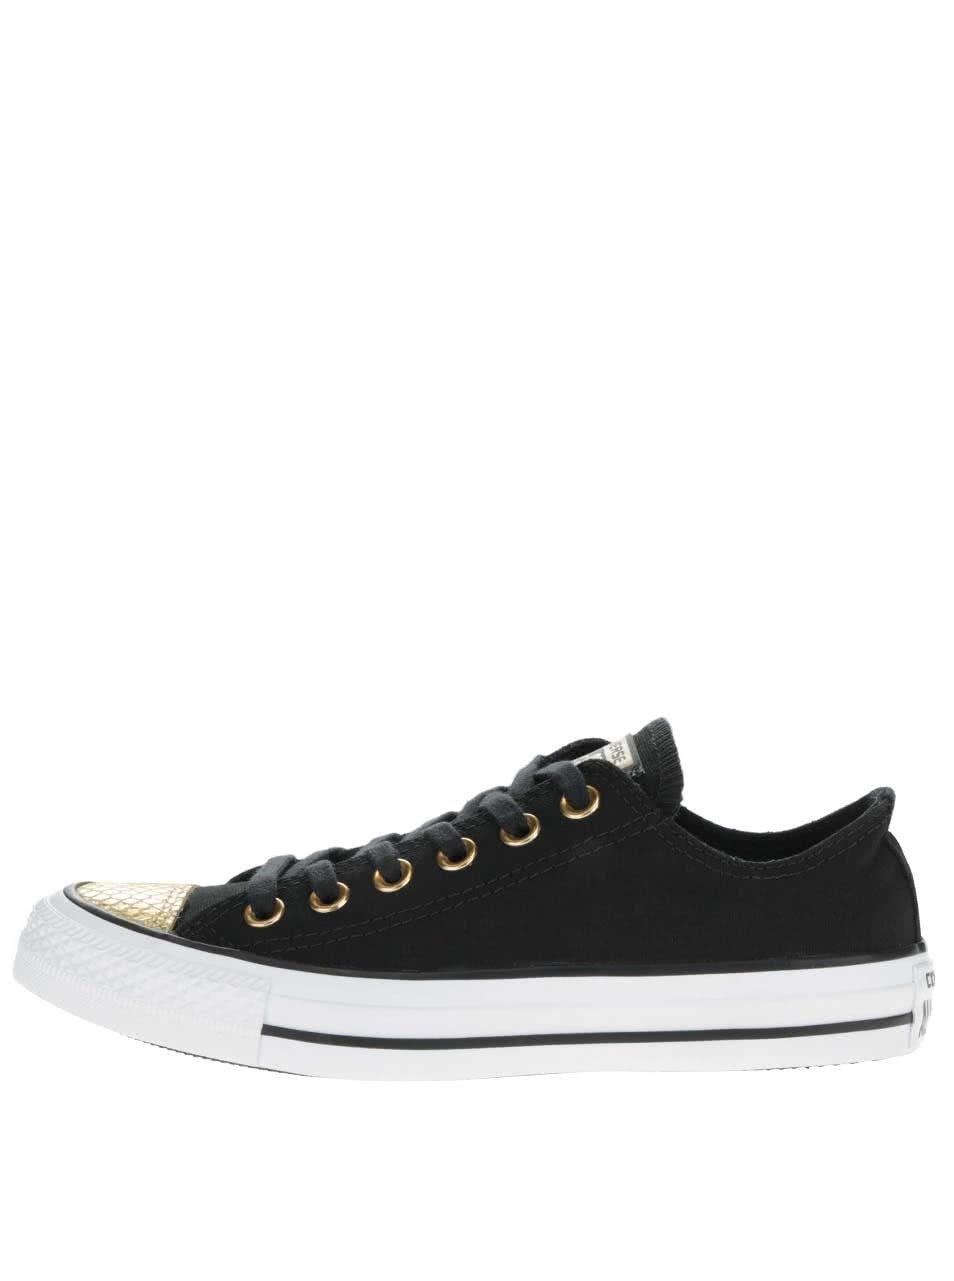 Bílo-černé dámské tenisky s detaily ve zlaté barvě Converse Chuck Taylor All Star